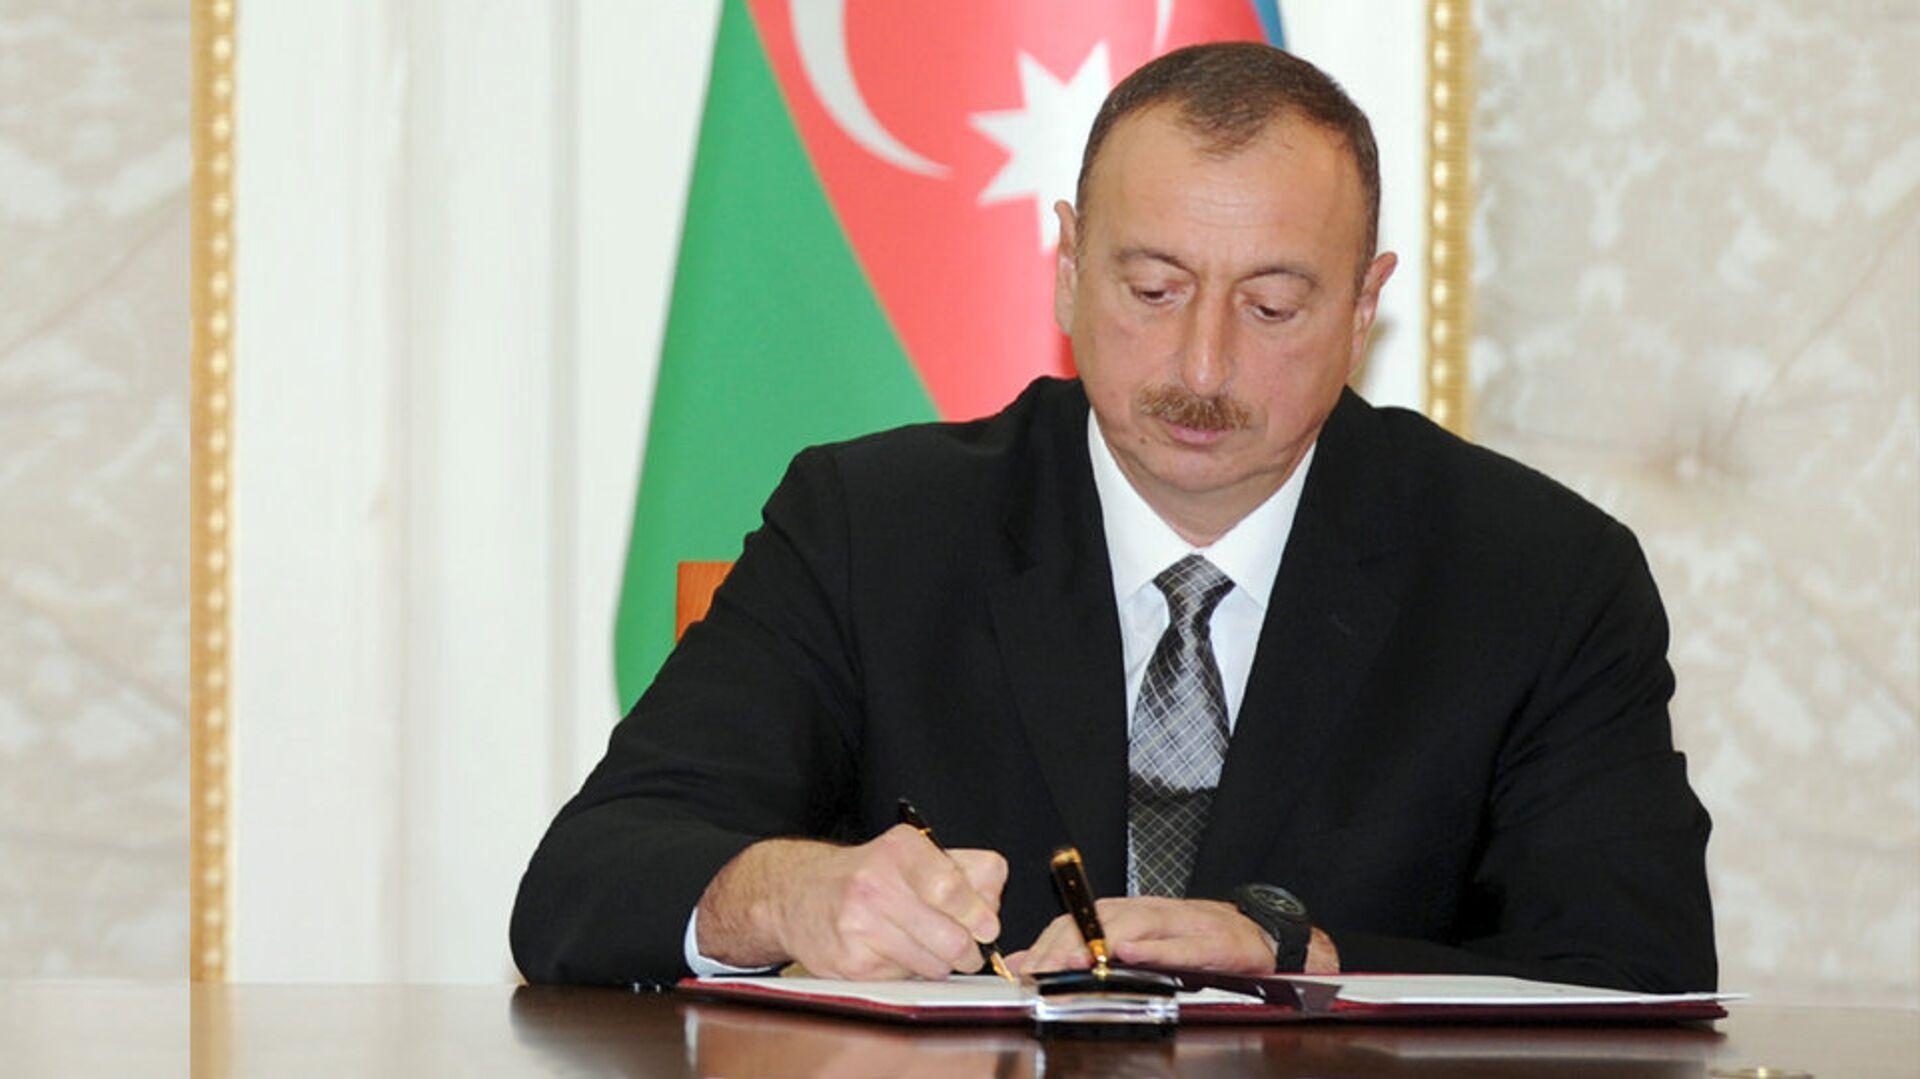 Azərbaycan Respublikasının Prezidenti İlham Əliyev - Sputnik Азербайджан, 1920, 06.04.2021